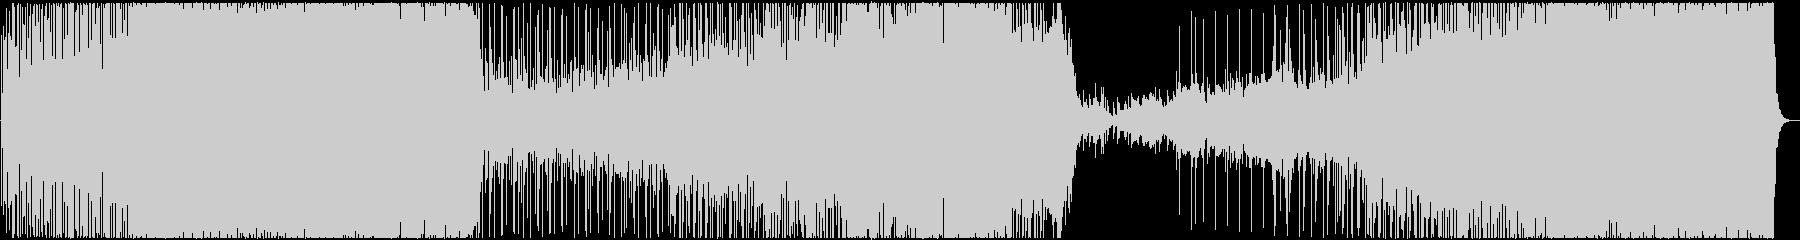 疾走感溢れるピアノロックの未再生の波形